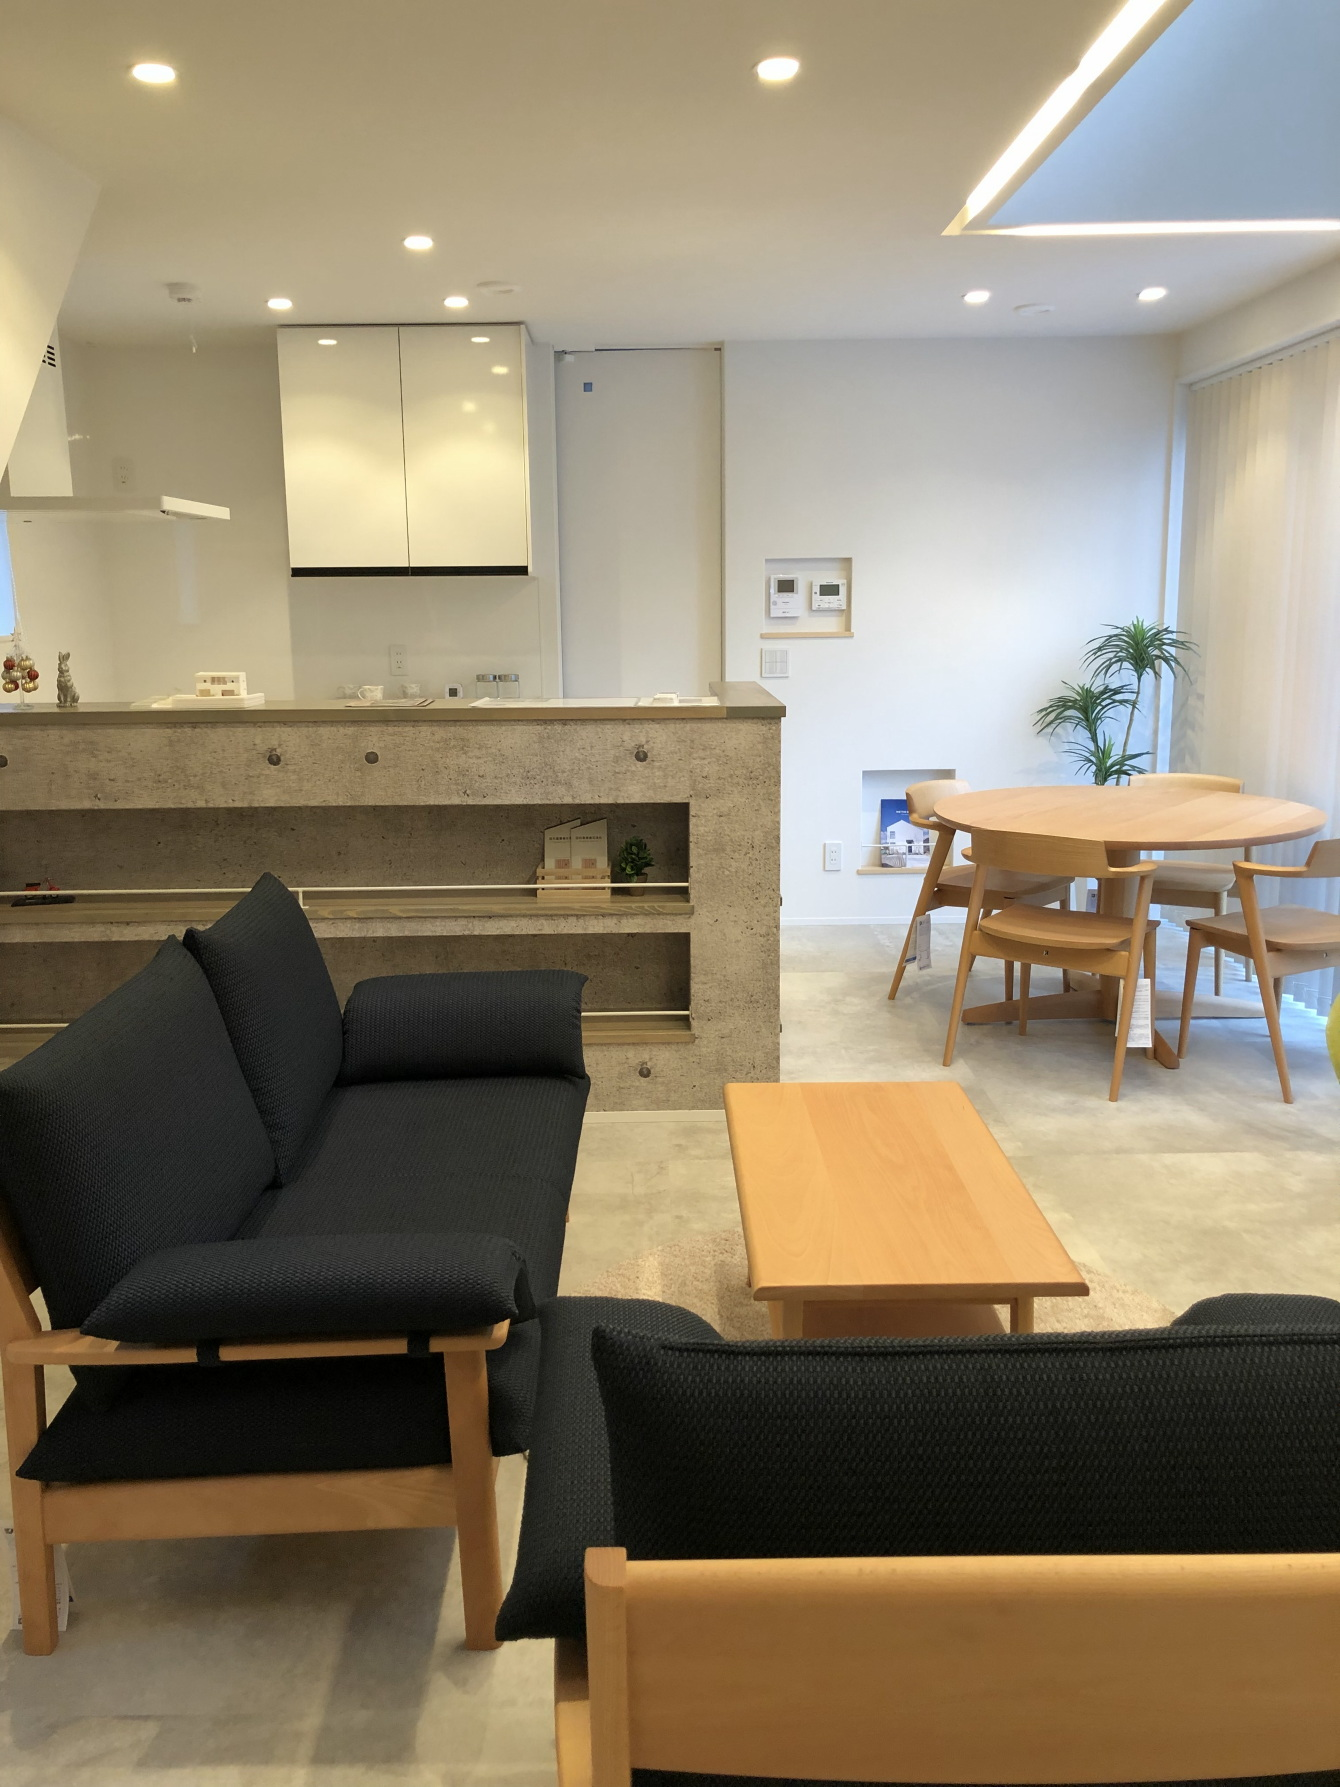 田村市の施工例、コンパクト&北欧デザインの家リビング&キッチン2